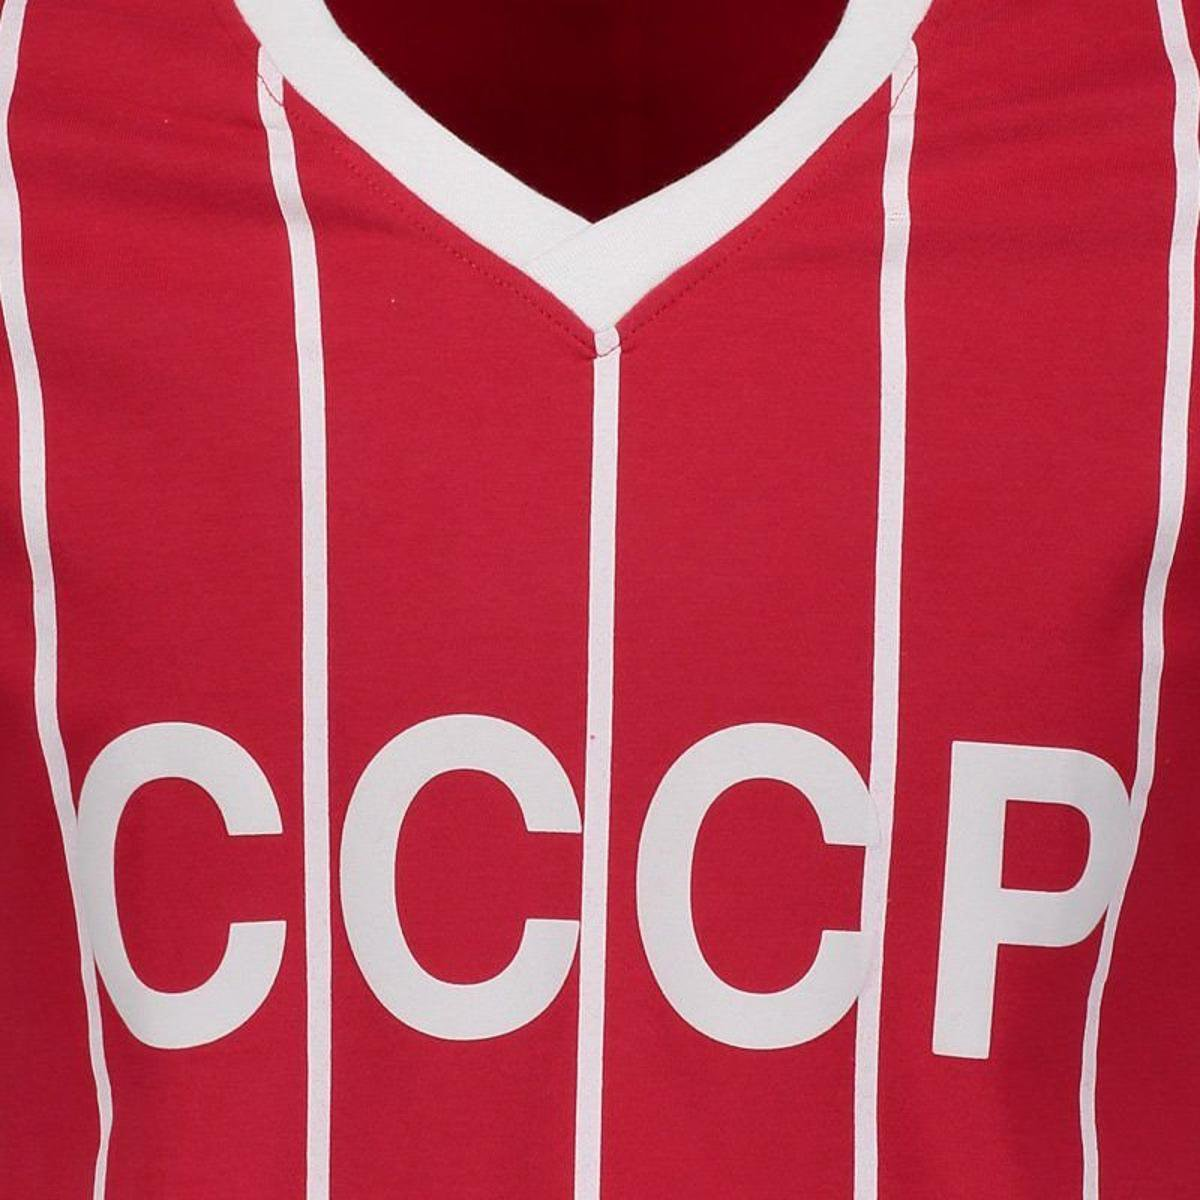 Camisa União Soviética Retrô 1982 Masculina - Vermelho - Compre ... b55d1f2b7d5b7